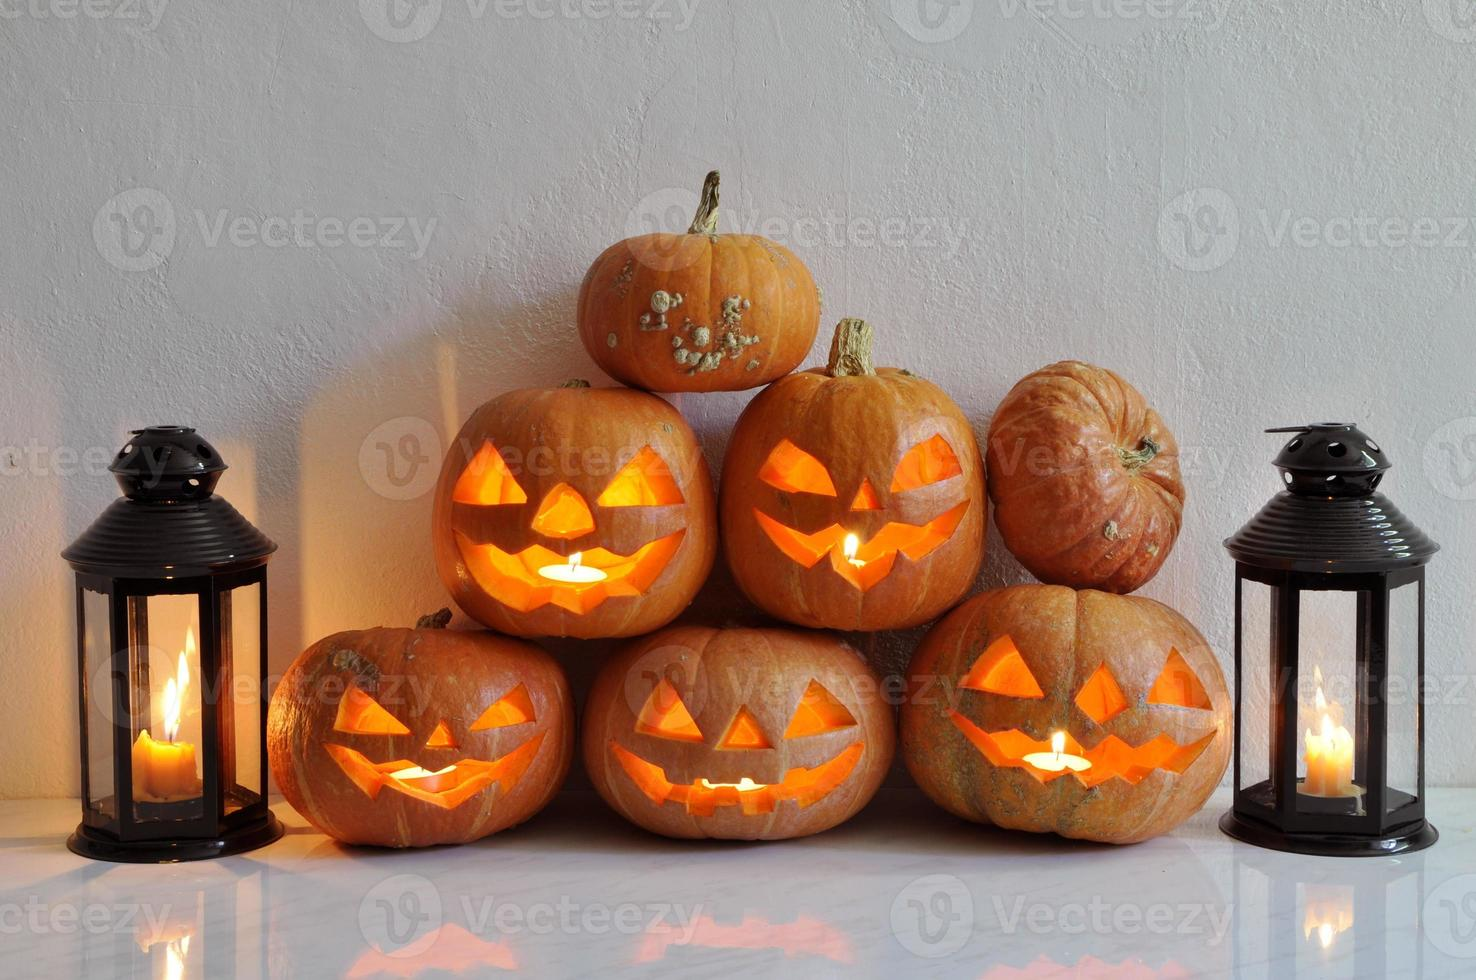 vida morta de halloween com abóboras foto